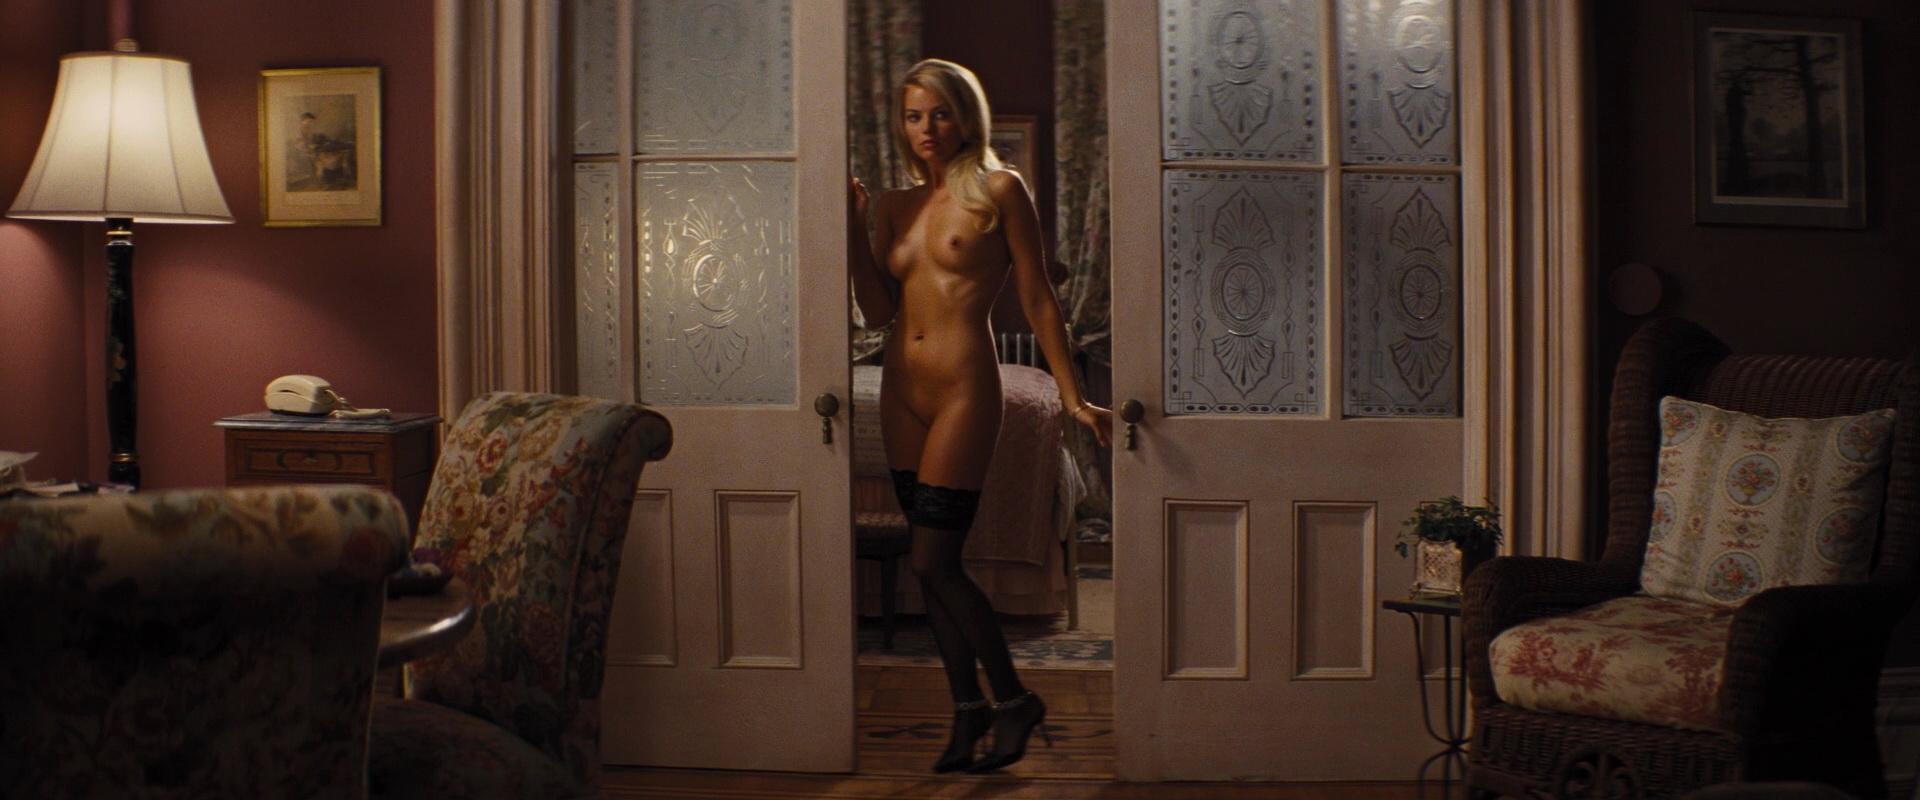 fotos de Margot Robbie desnuda